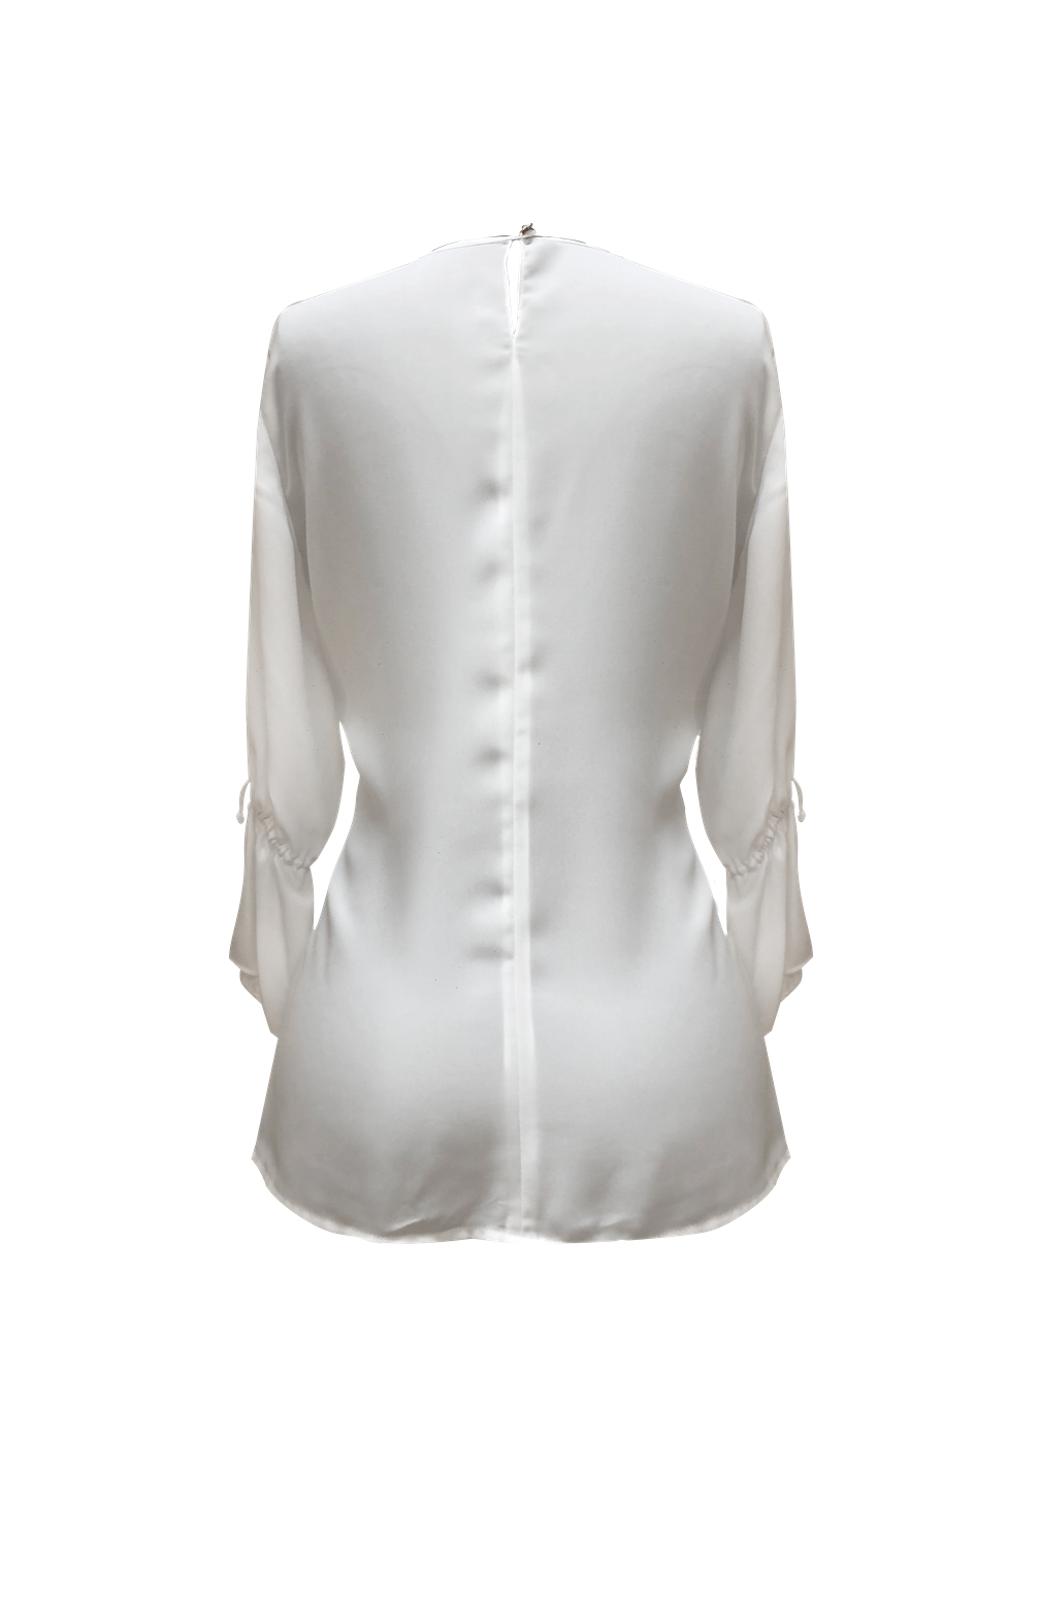 Blusa cuello redondo con tira de amarrar en puño